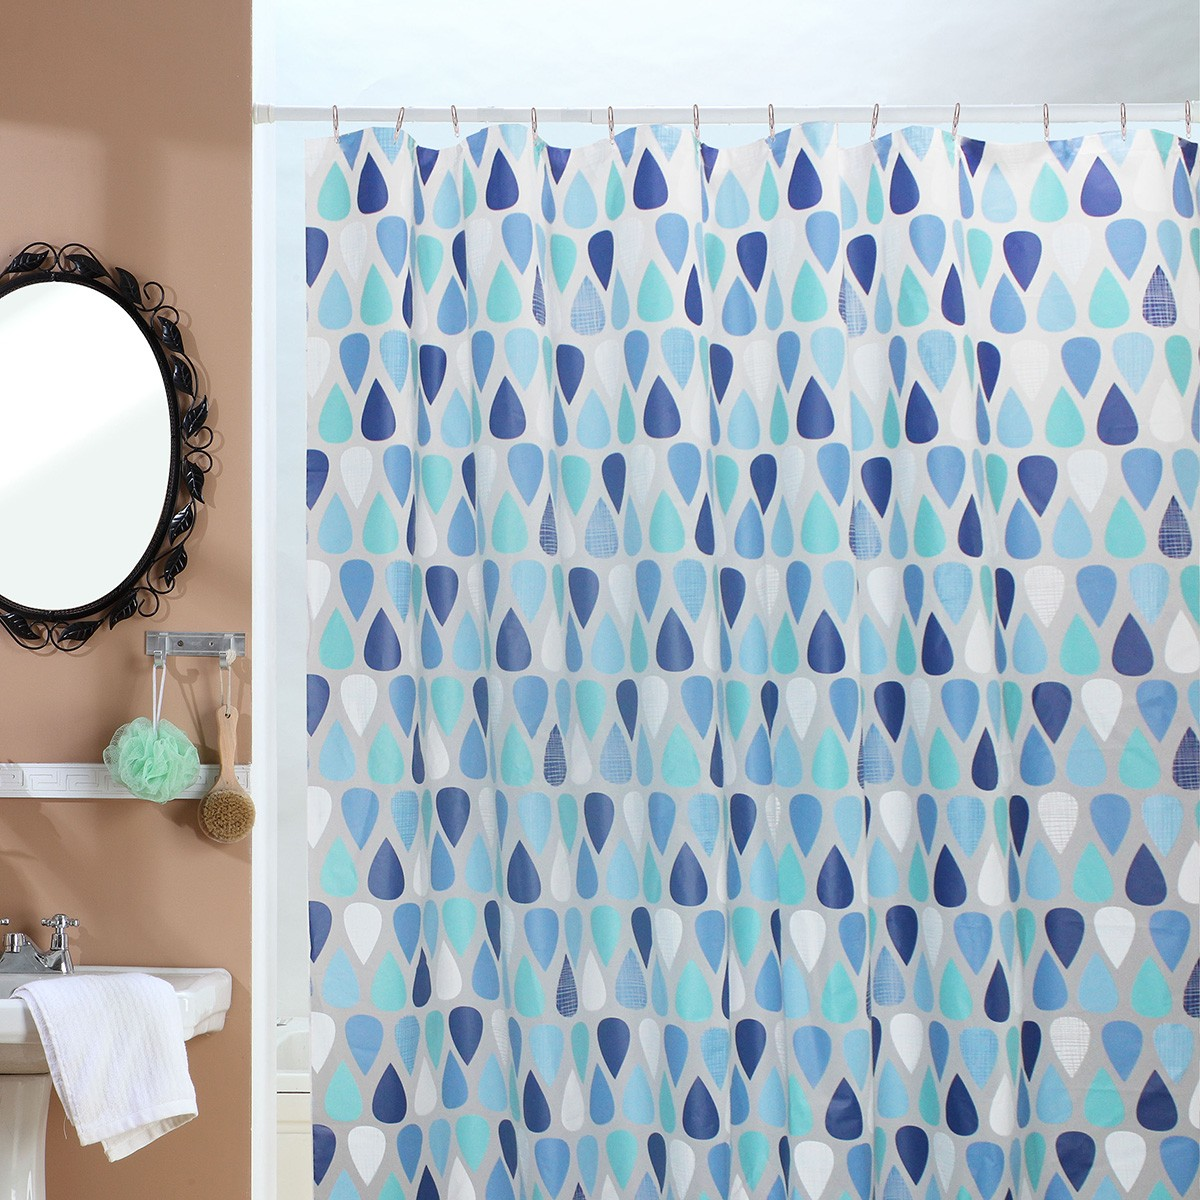 Κουρτίνα Μπάνιου Πλαστική (180x200) Viopros Ρέιν